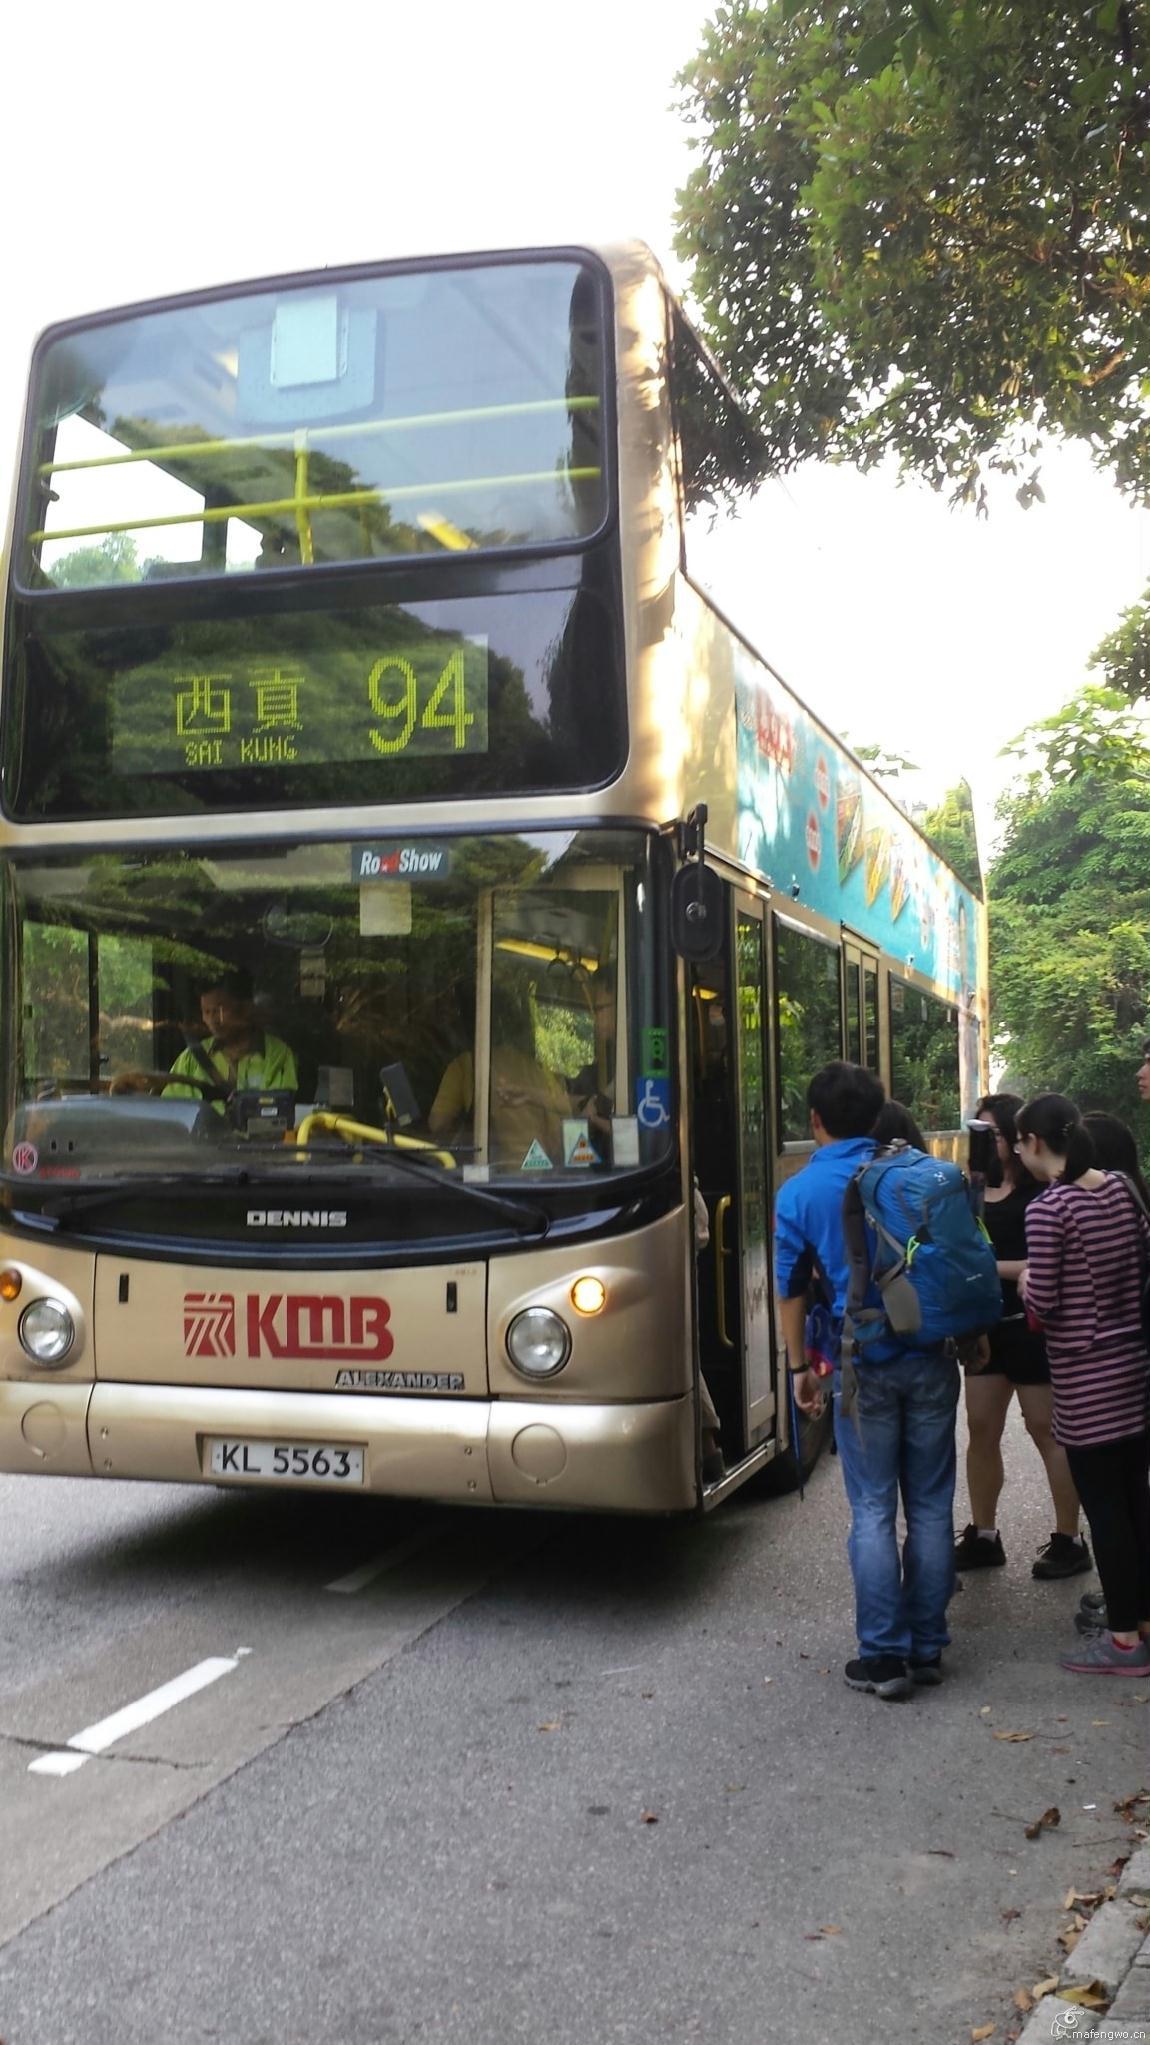 香港自由行的朋友注意:香港地铁重大变化!